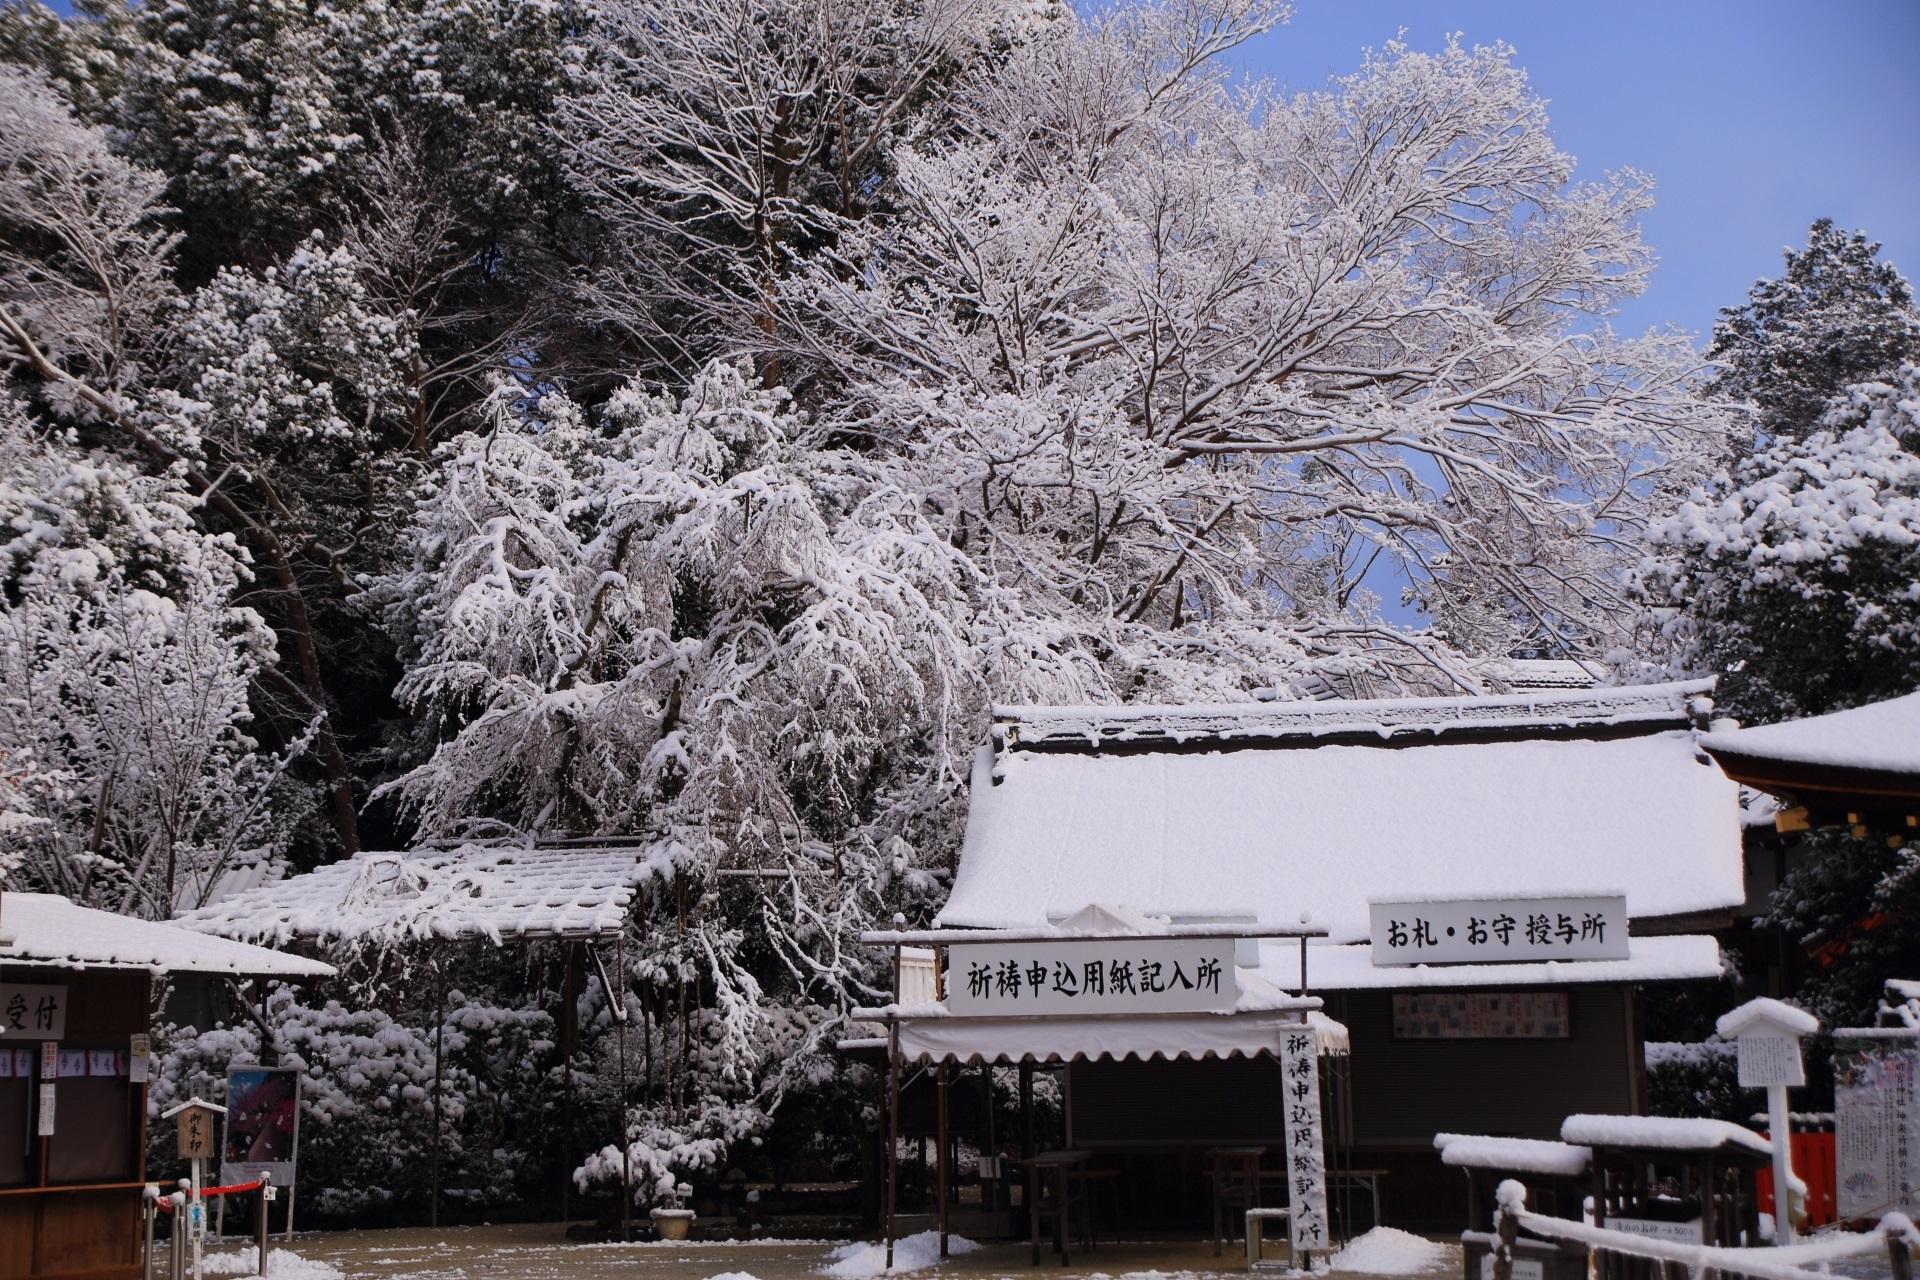 だいぶ日が昇った後の青空に映える雪のみあれ桜